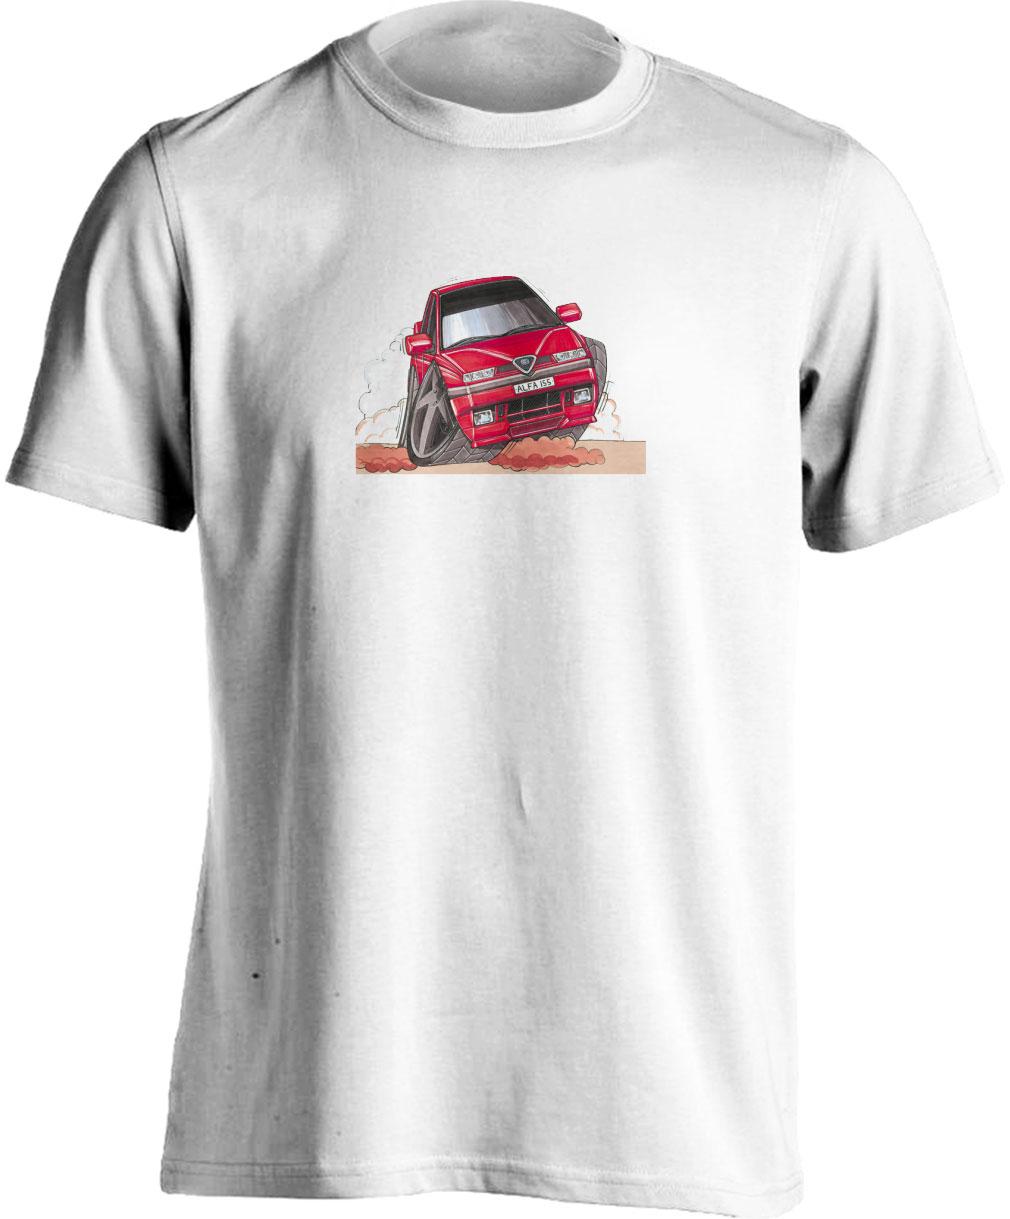 Koolart 155-0351 Red Alfa Romeo Child's T Shirt